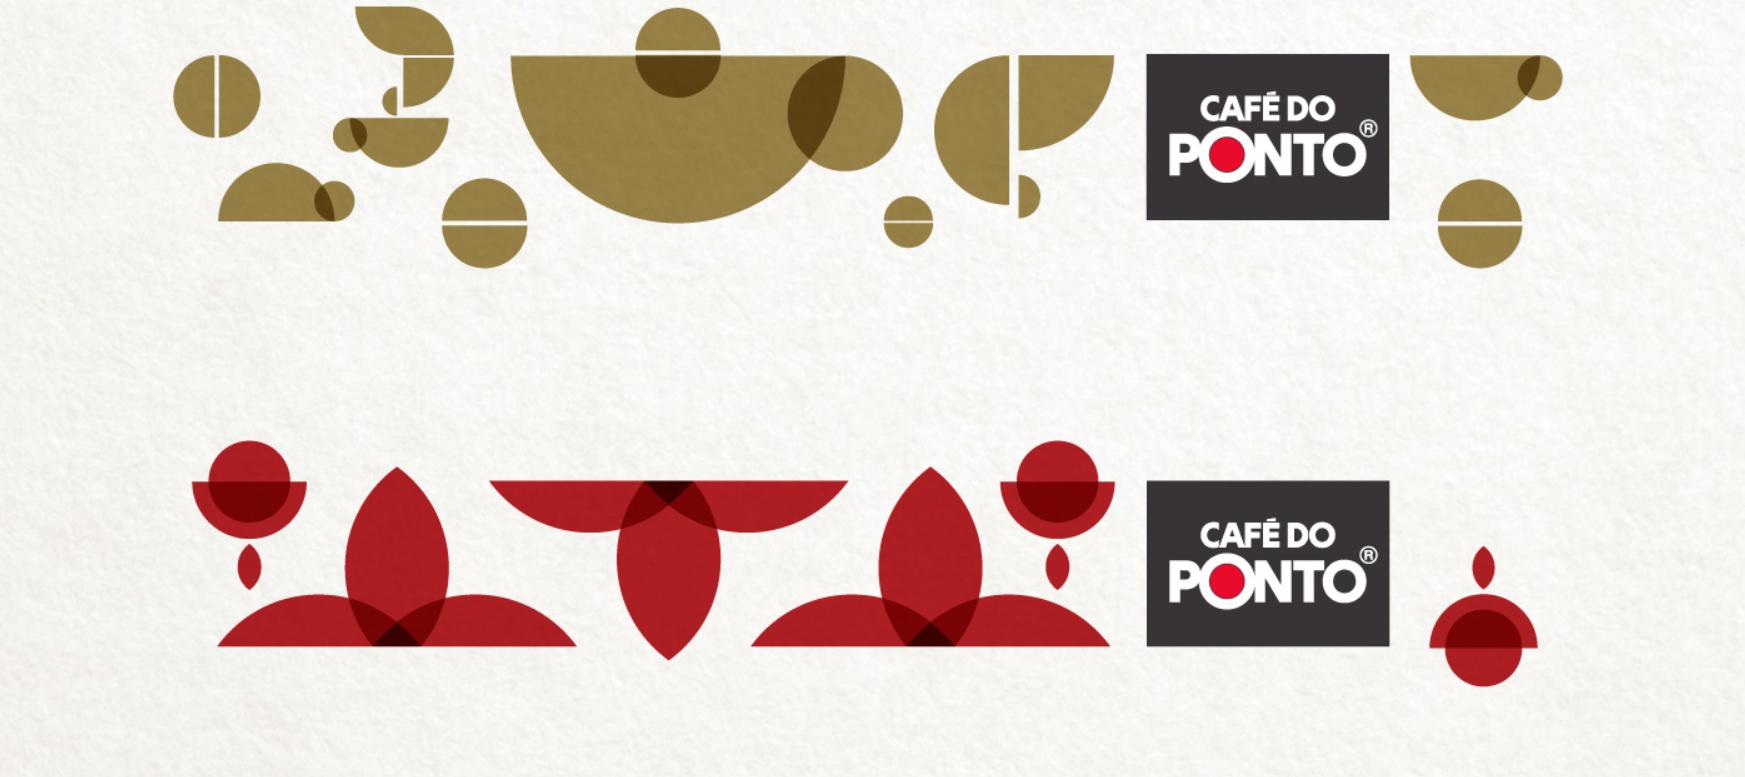 img-portfolio-cafe-do-ponto-voadora (1).